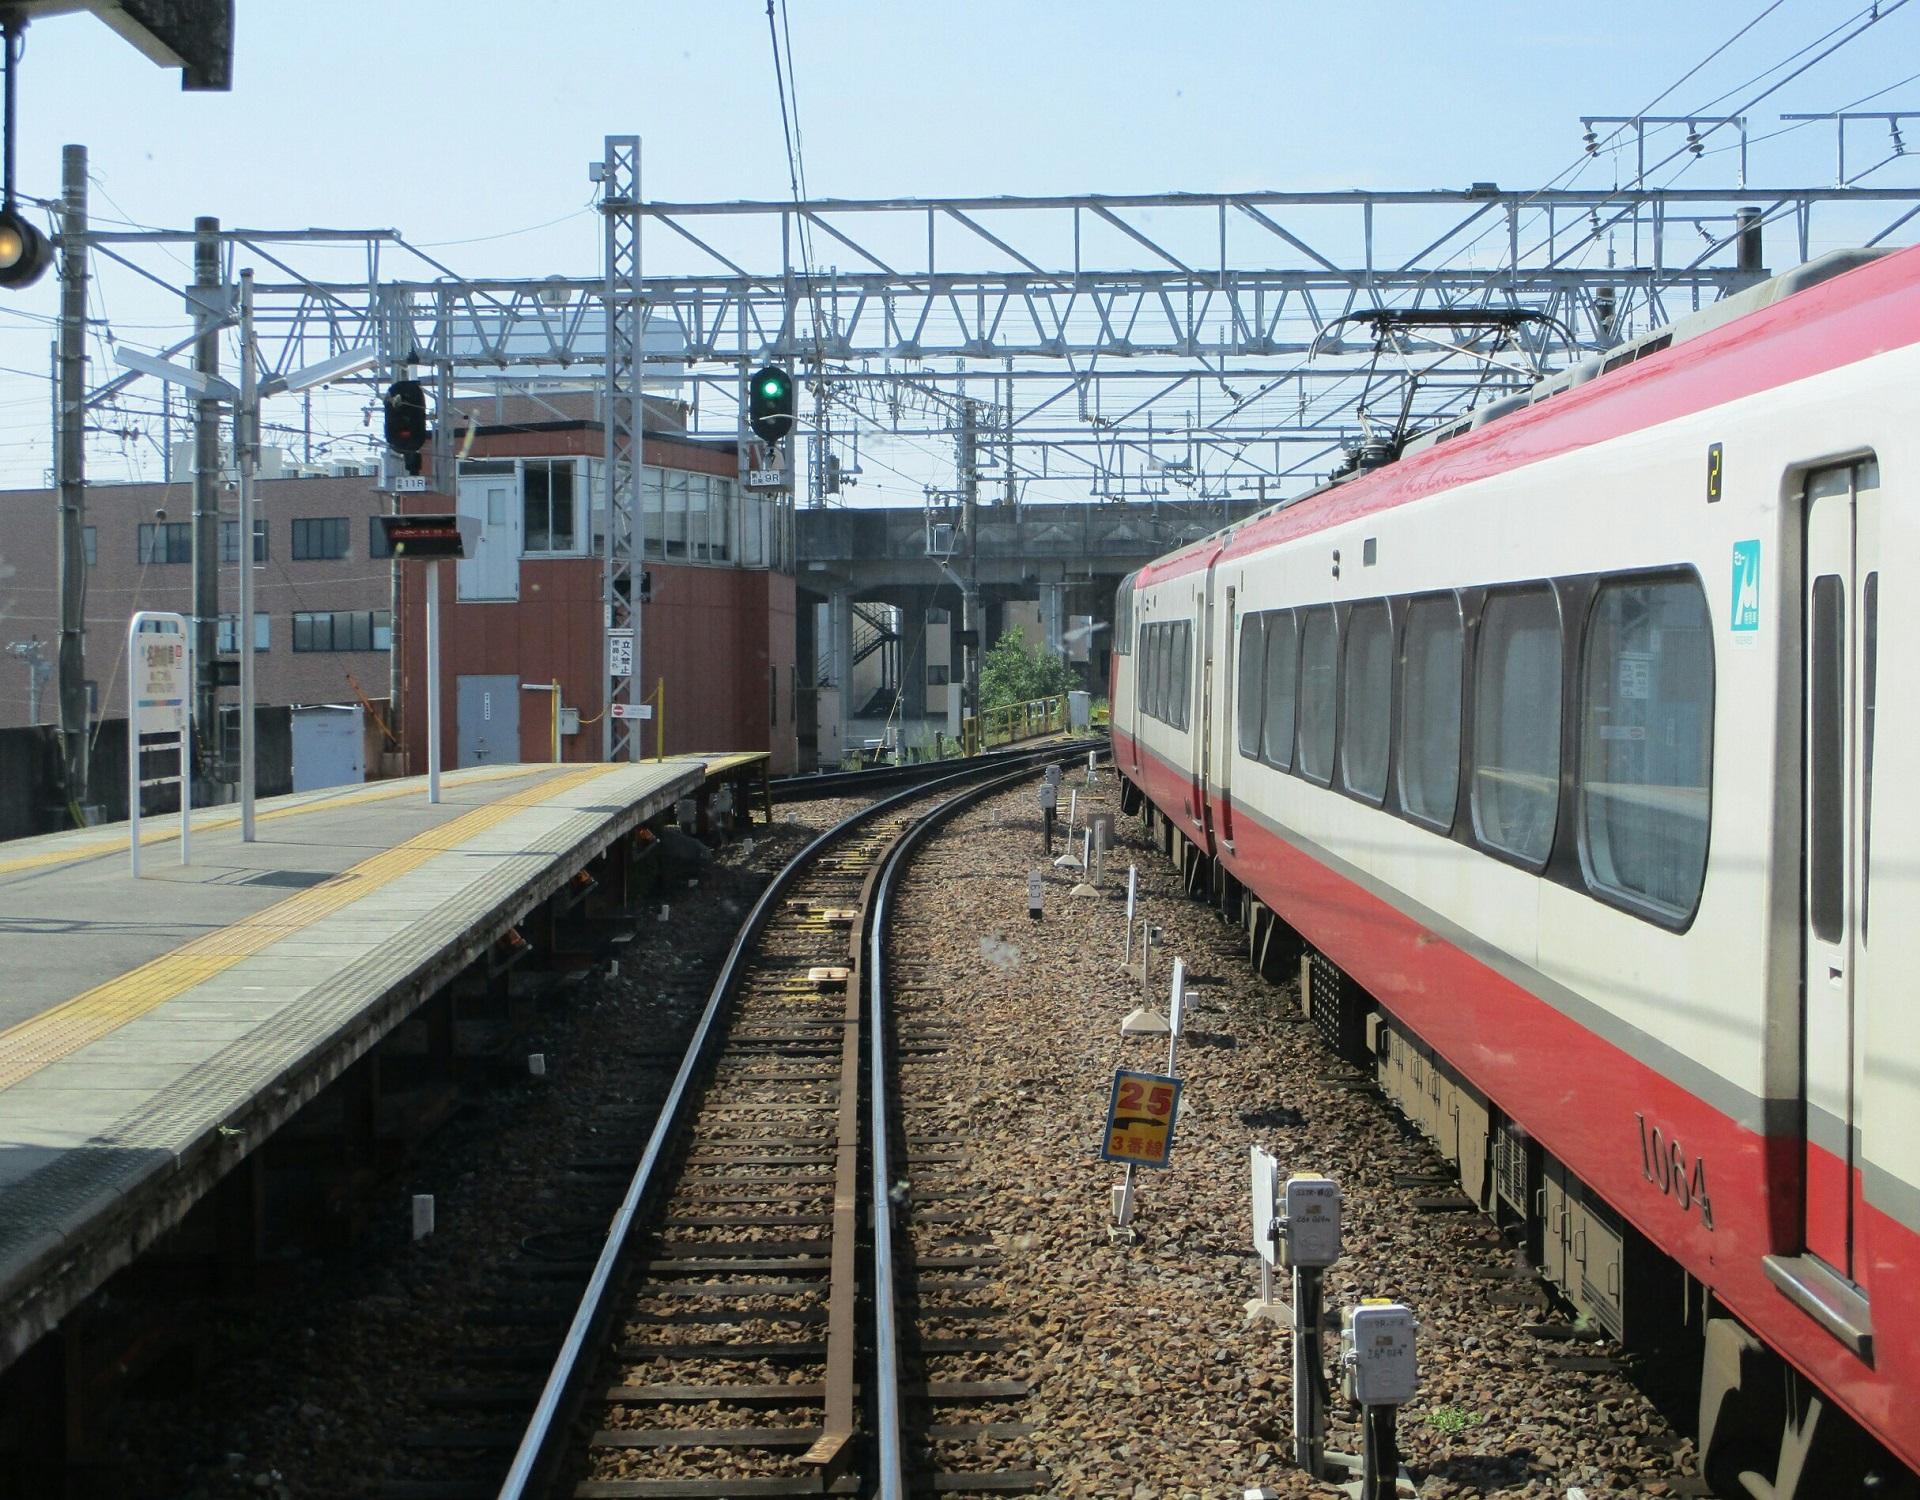 2018.7.18 (7) 須ヶ口いきふつう - 岐阜しゅっぱつ 1920-1500